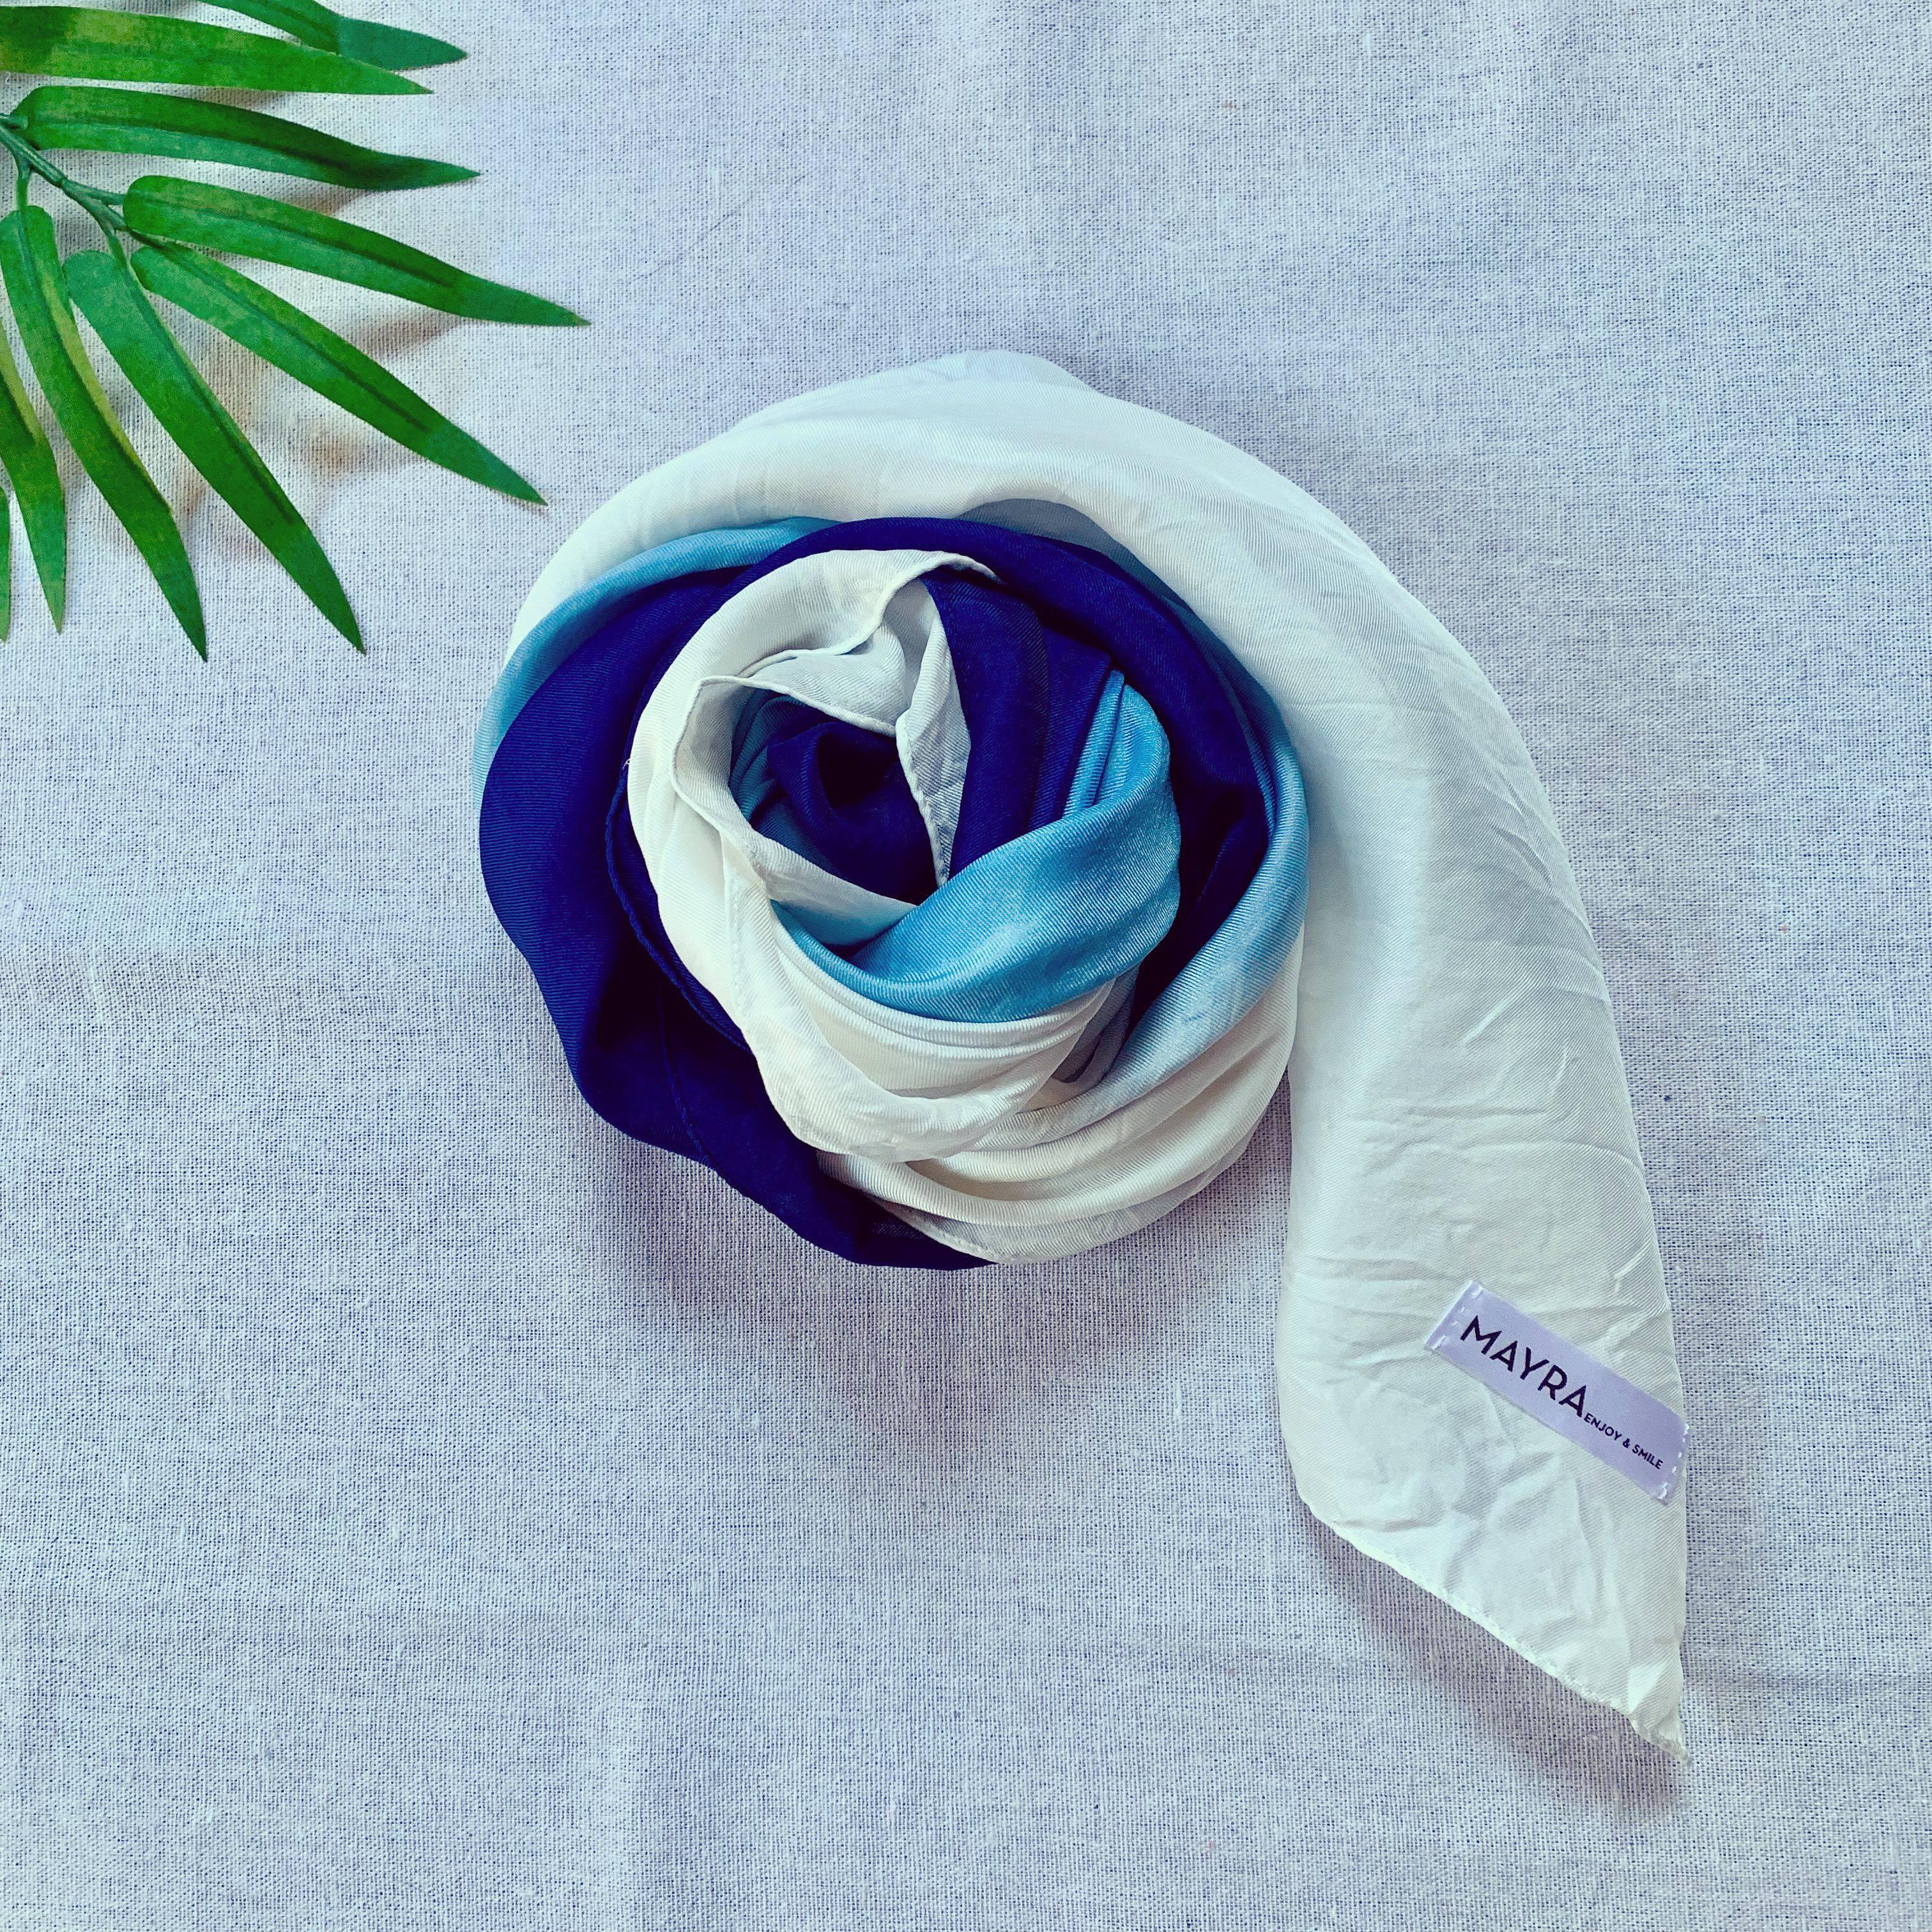 【Japan Blue】【Unisex】藍染シルクスカーフ・3色・日本製シルク・大判